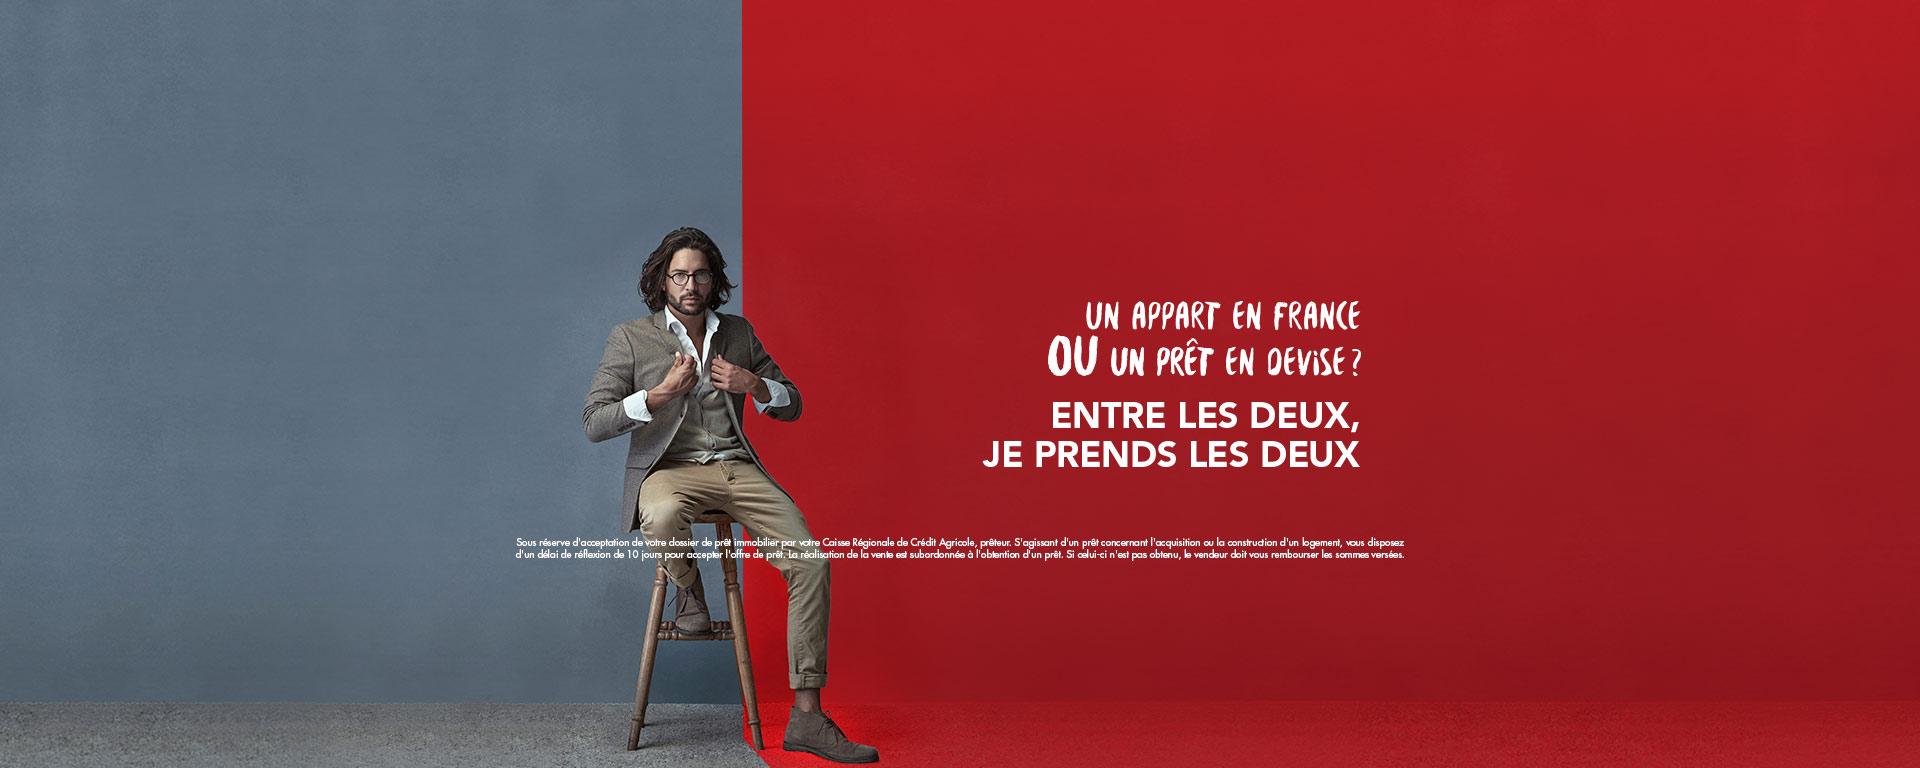 Un appart en France ou un prêt en devise ? Entre les deux, je prends les deux